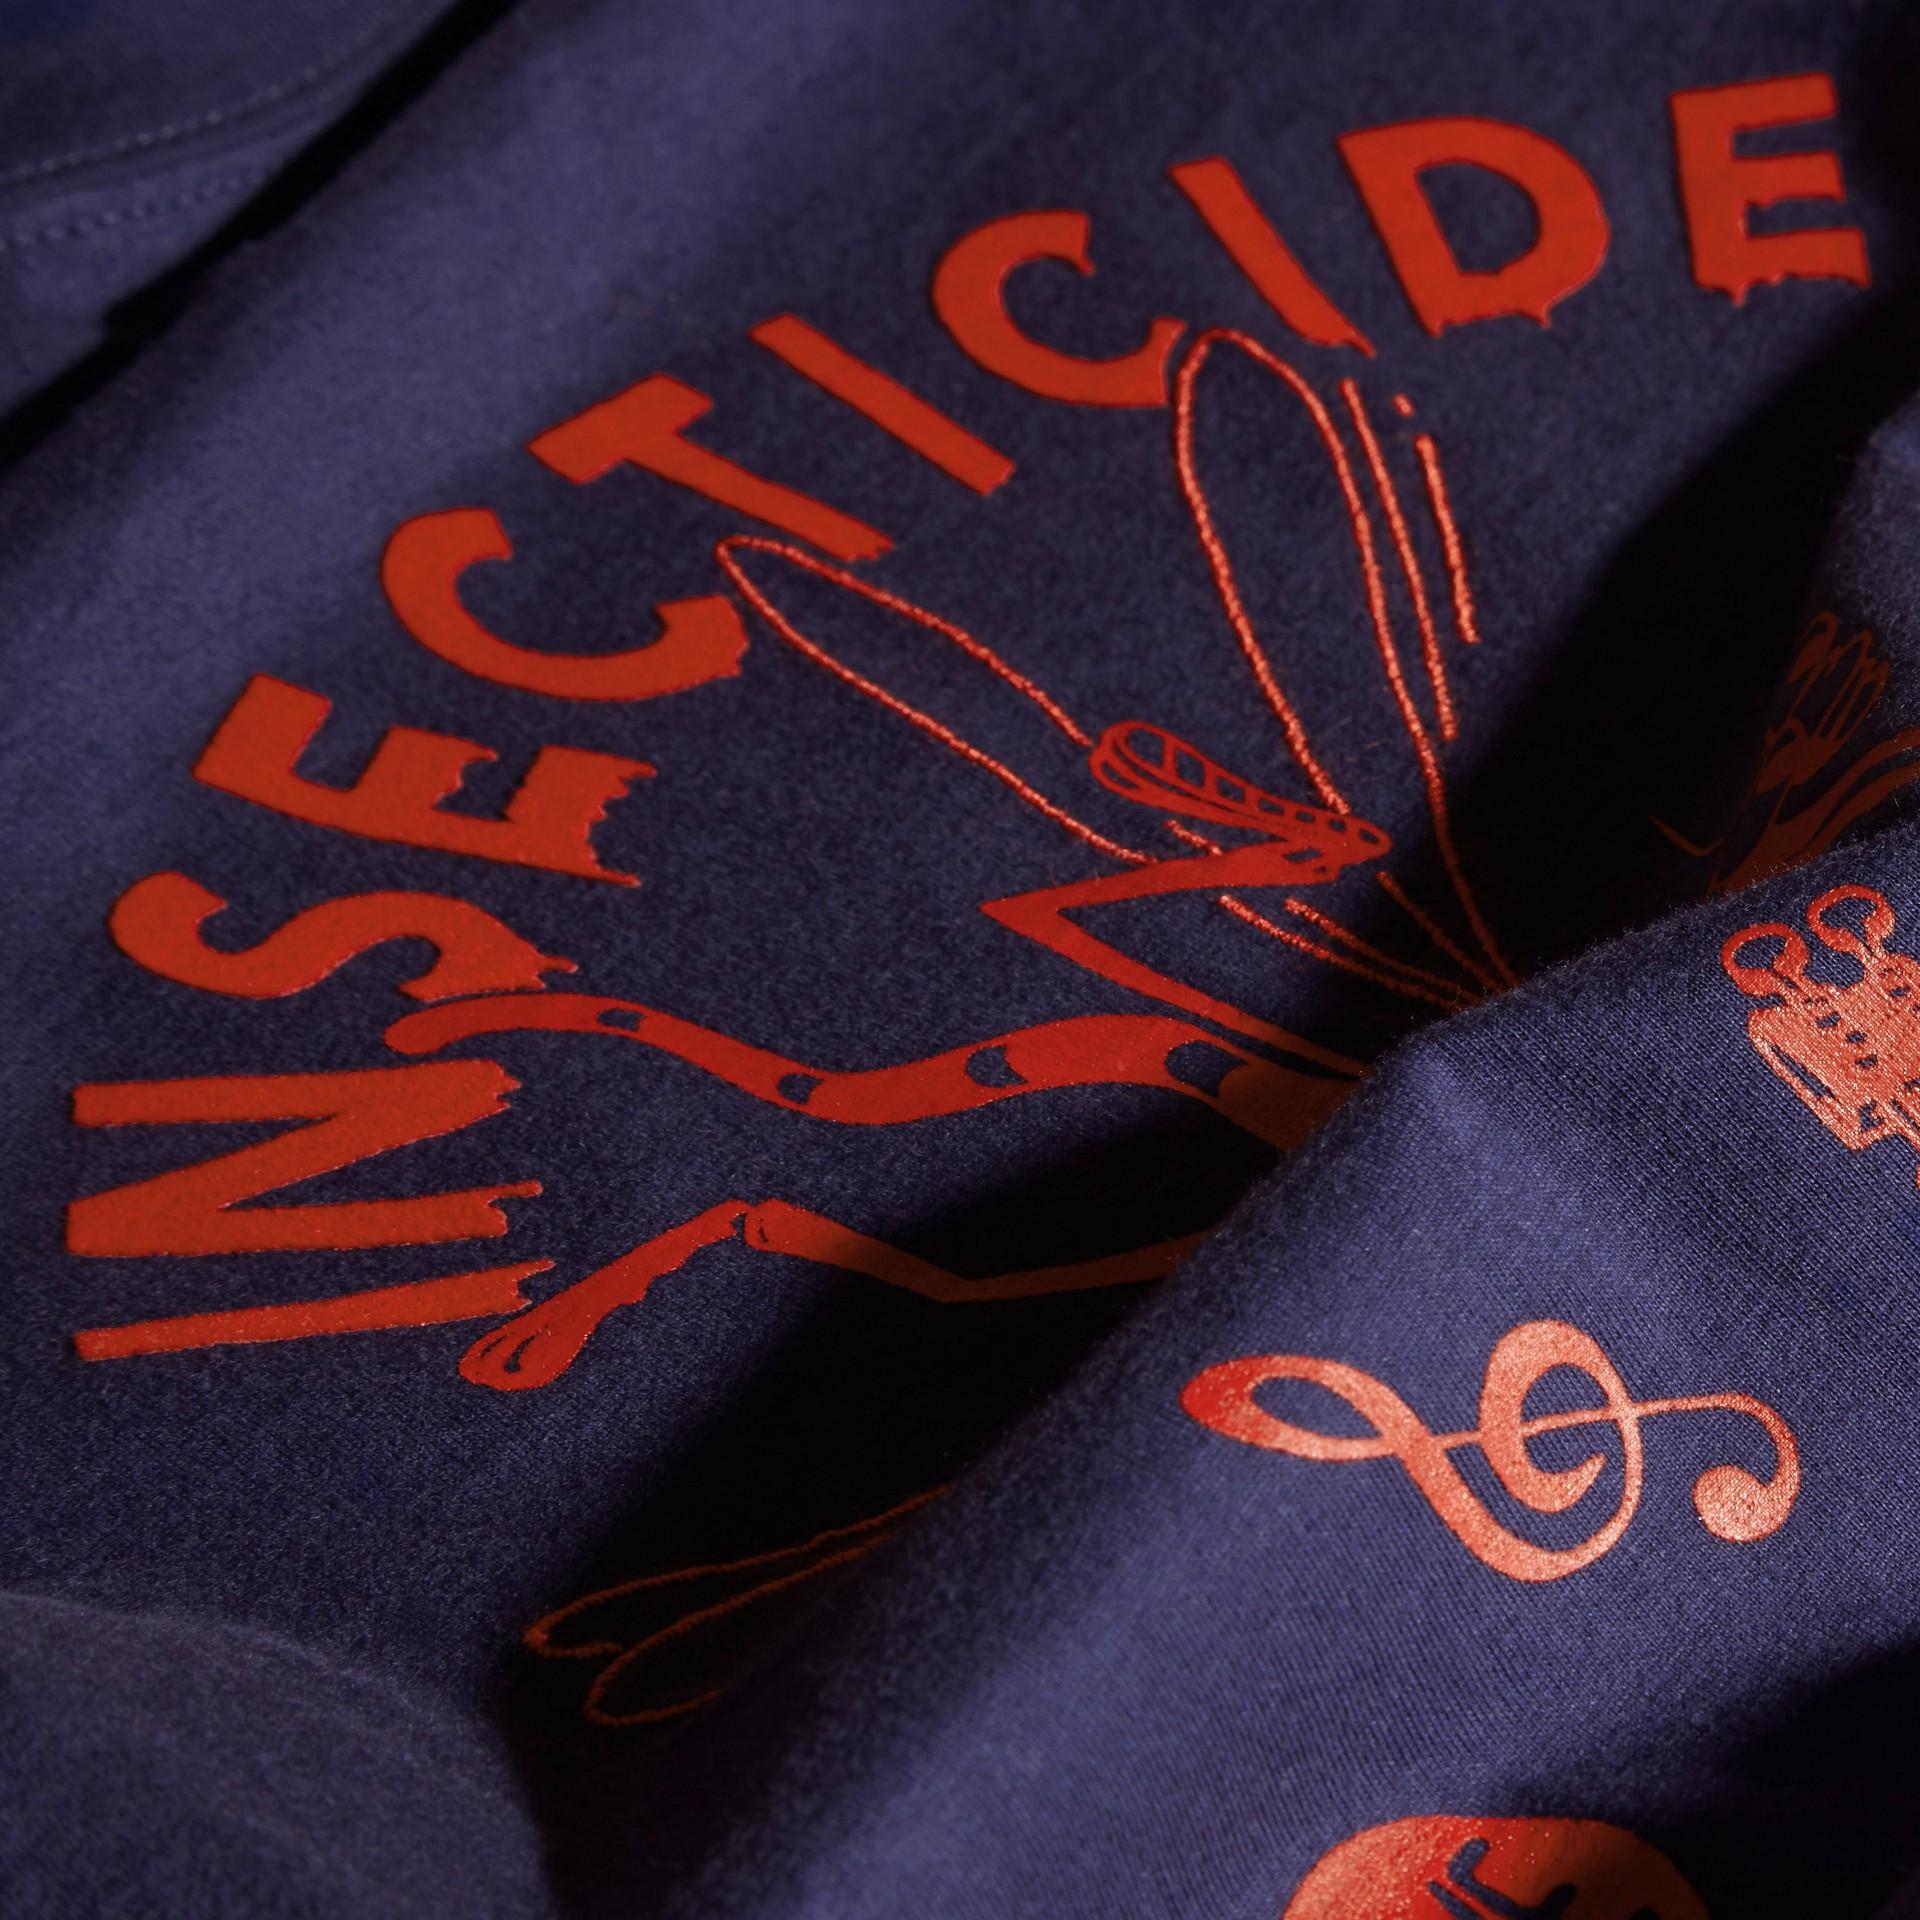 Indigo Baumwoll-T-Shirt mit verspieltem Druckmotiv - Galerie-Bild 2